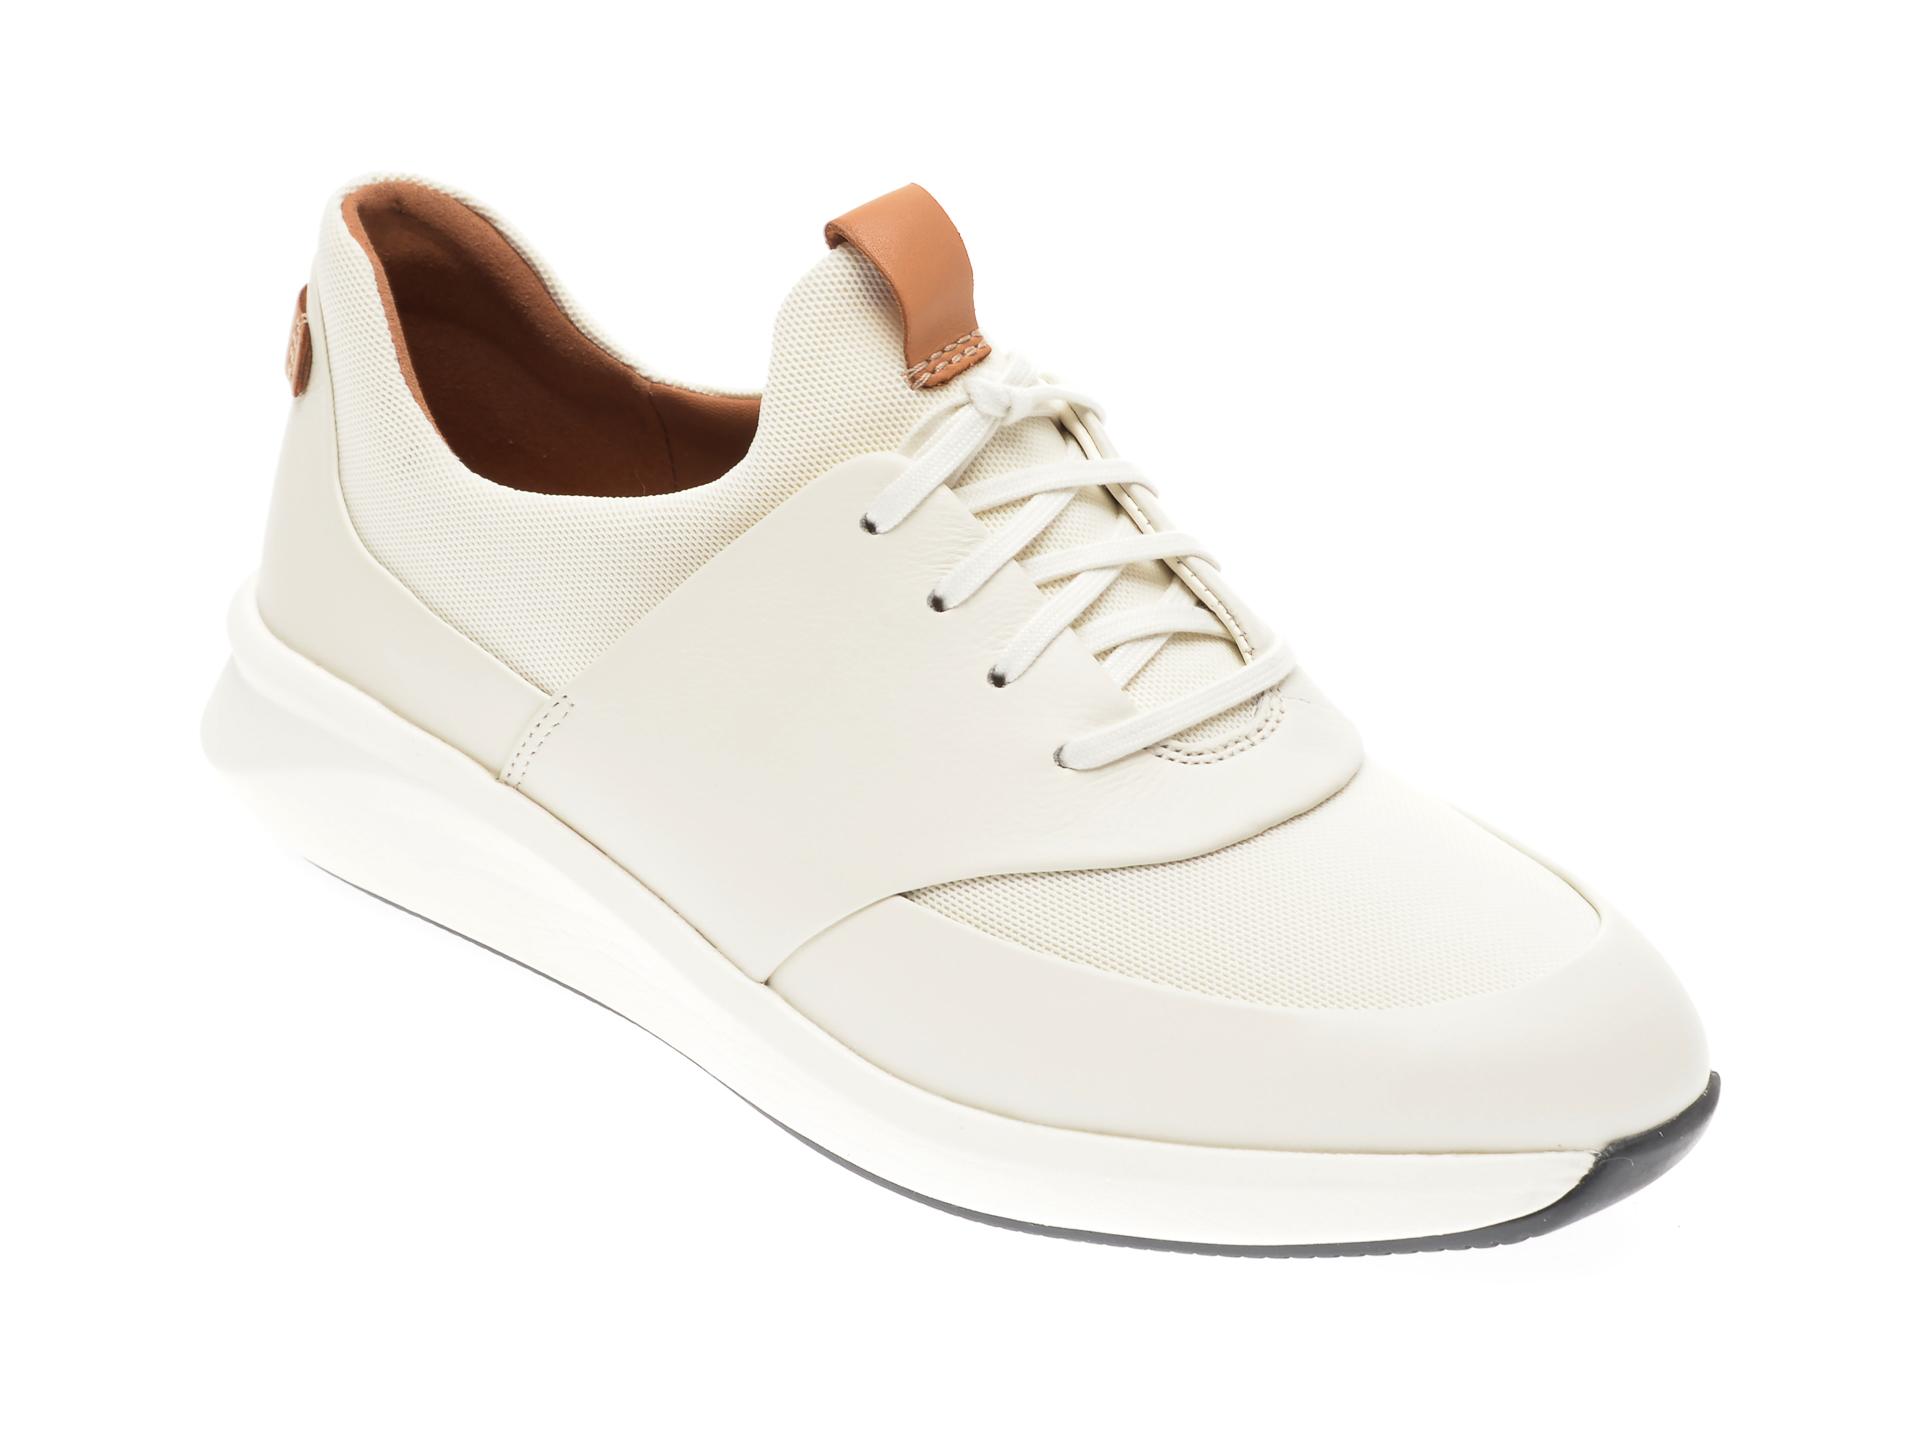 Pantofi CLARKS albi, Un Rio Lace, din piele naturala